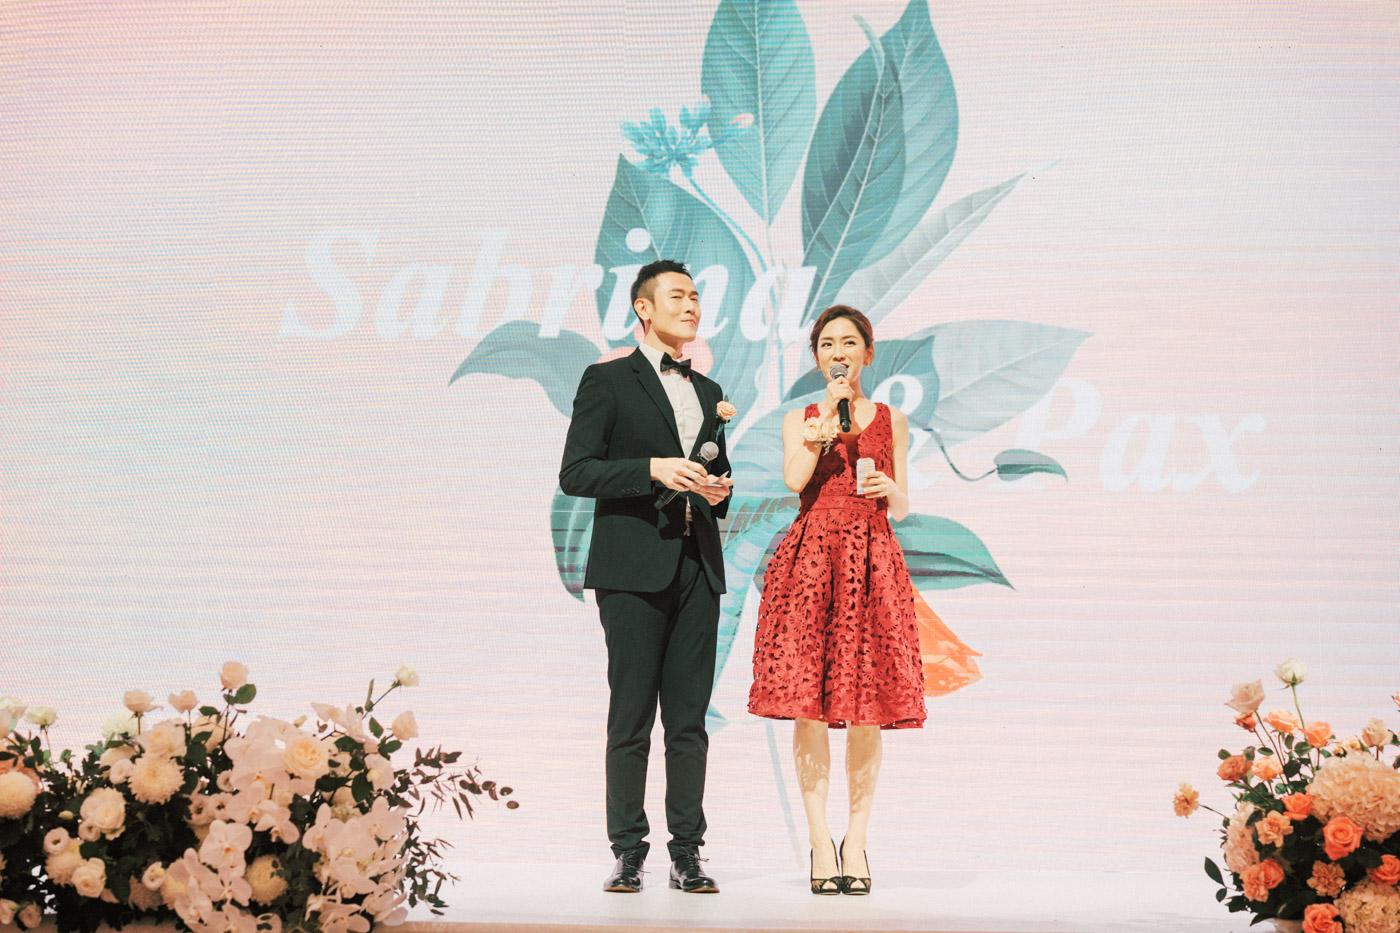 徐乃麟嫁女兒-婚禮-文華東方-THE STAGE